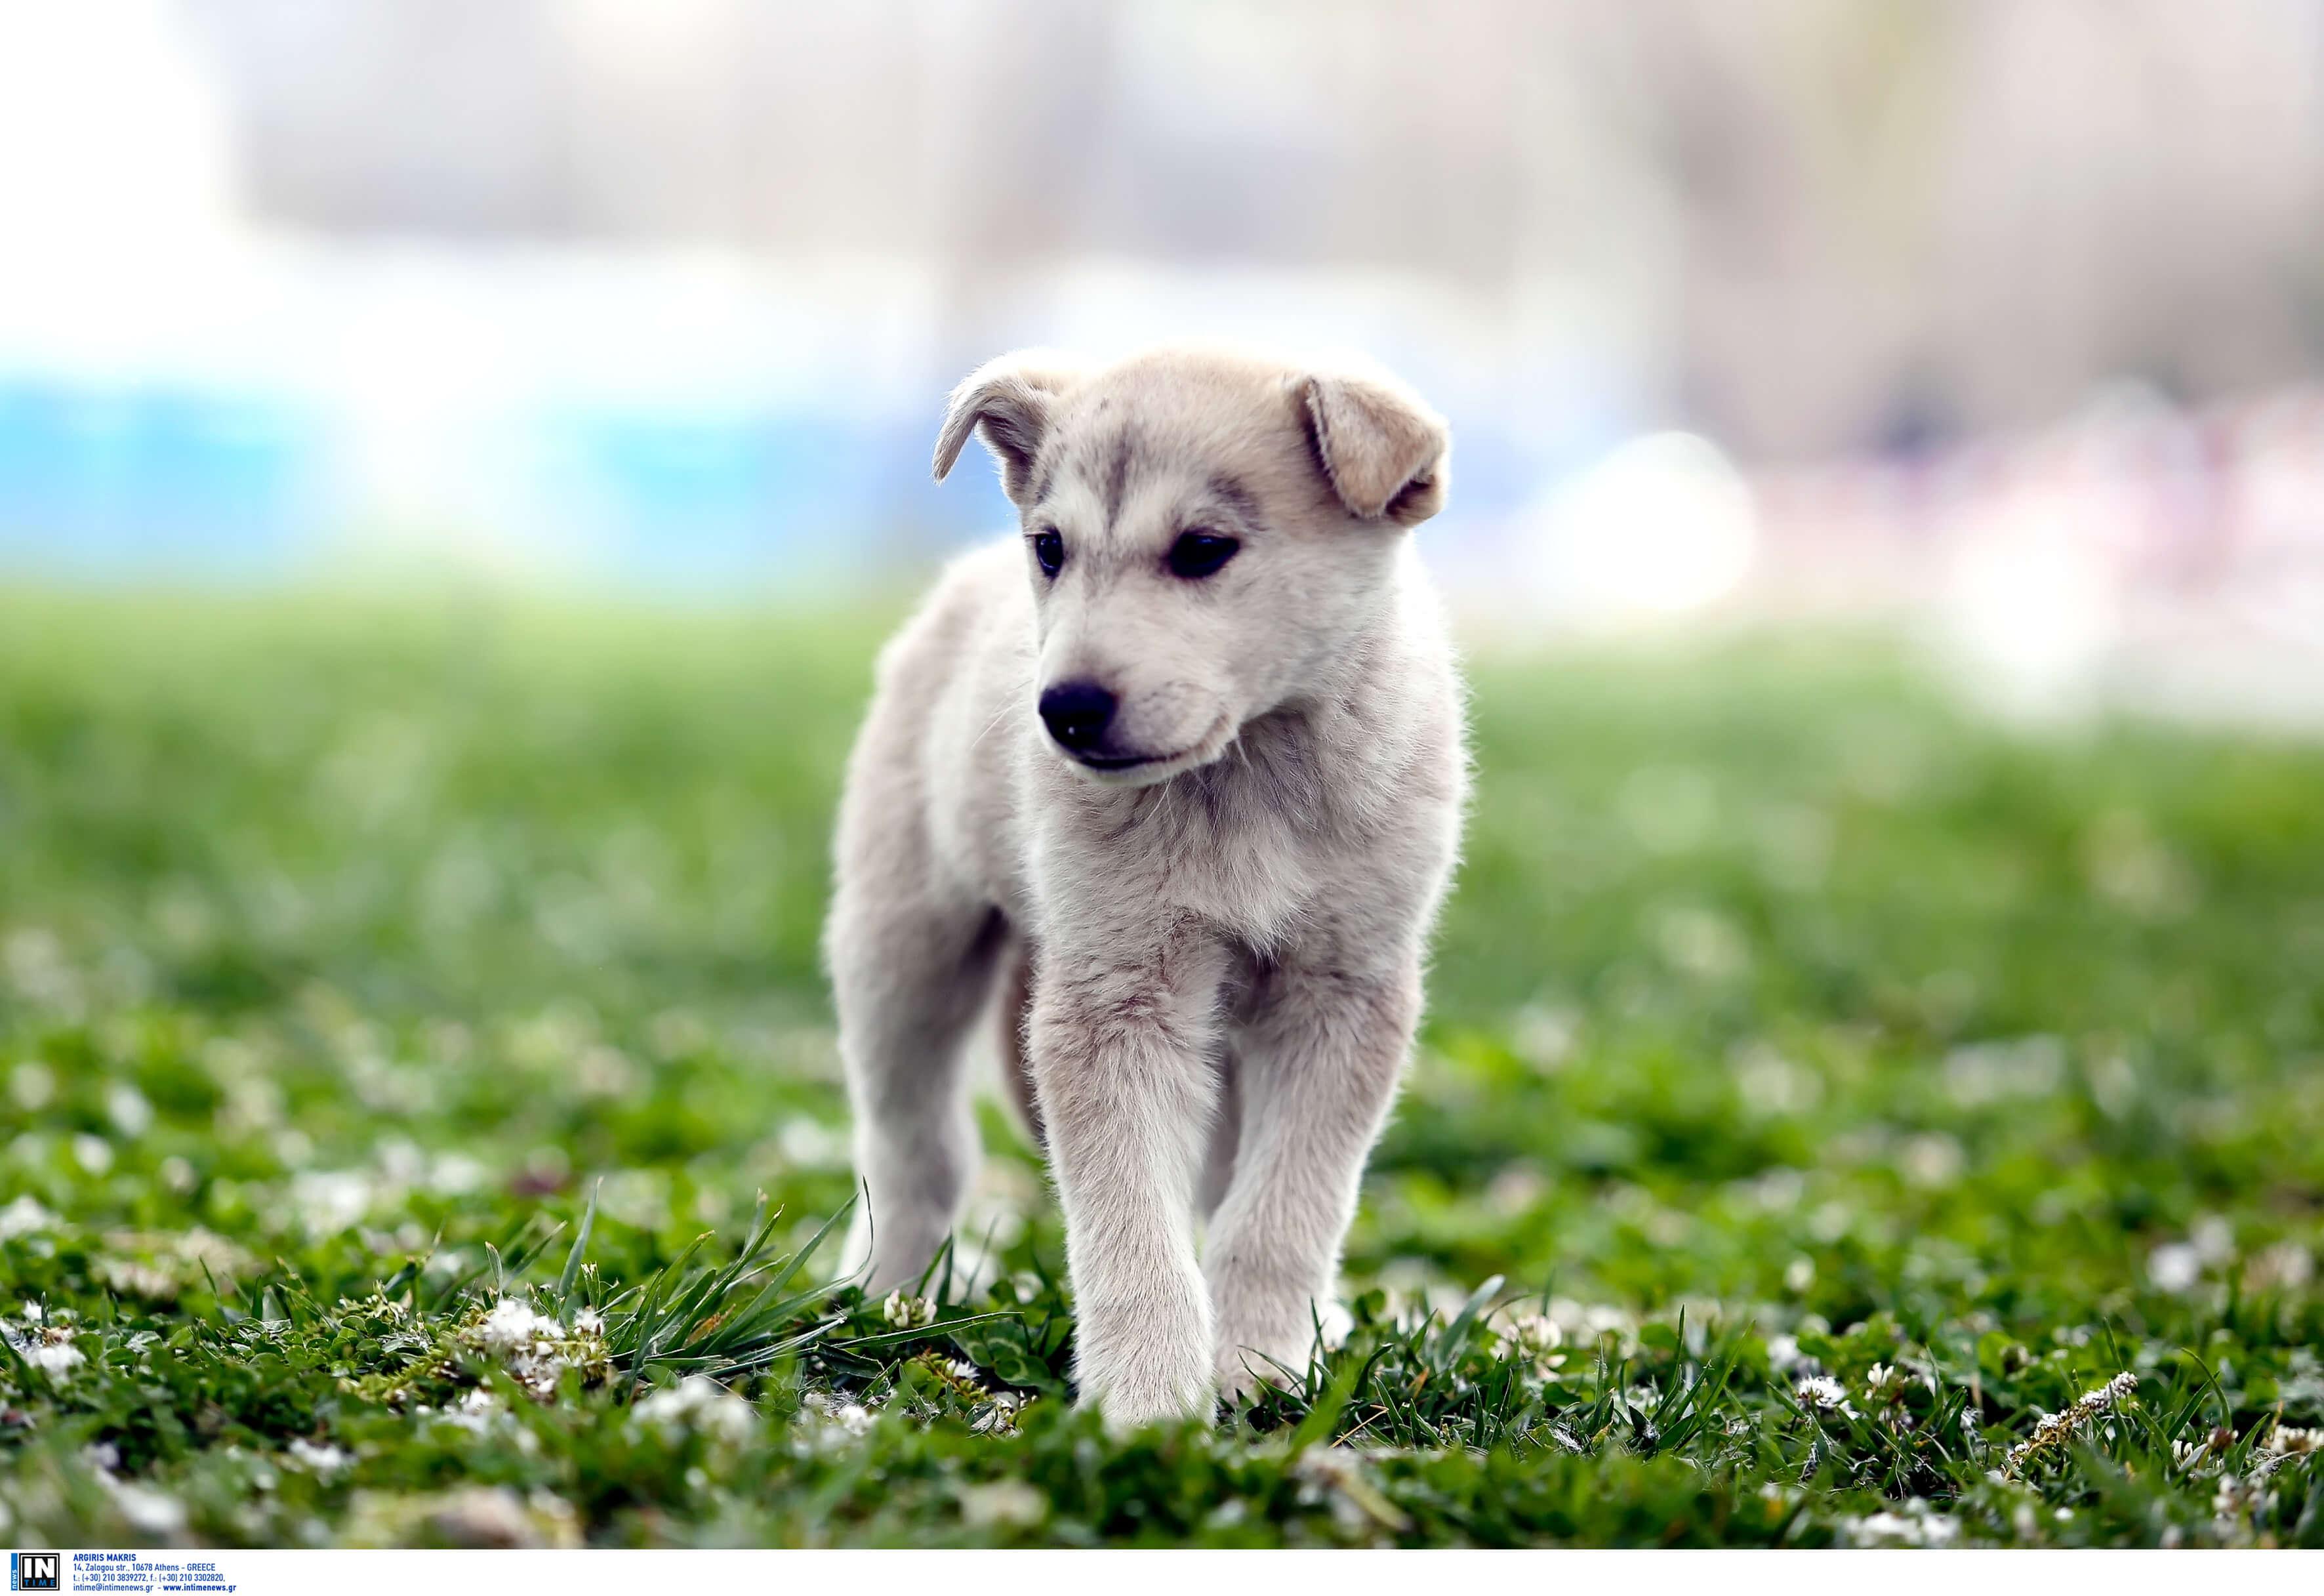 Προκαταρτική Διοικητική Εξέταση για πιθανές παραλείψεις αστυνομικών σε υπόθεση τραυματισμού σκύλου